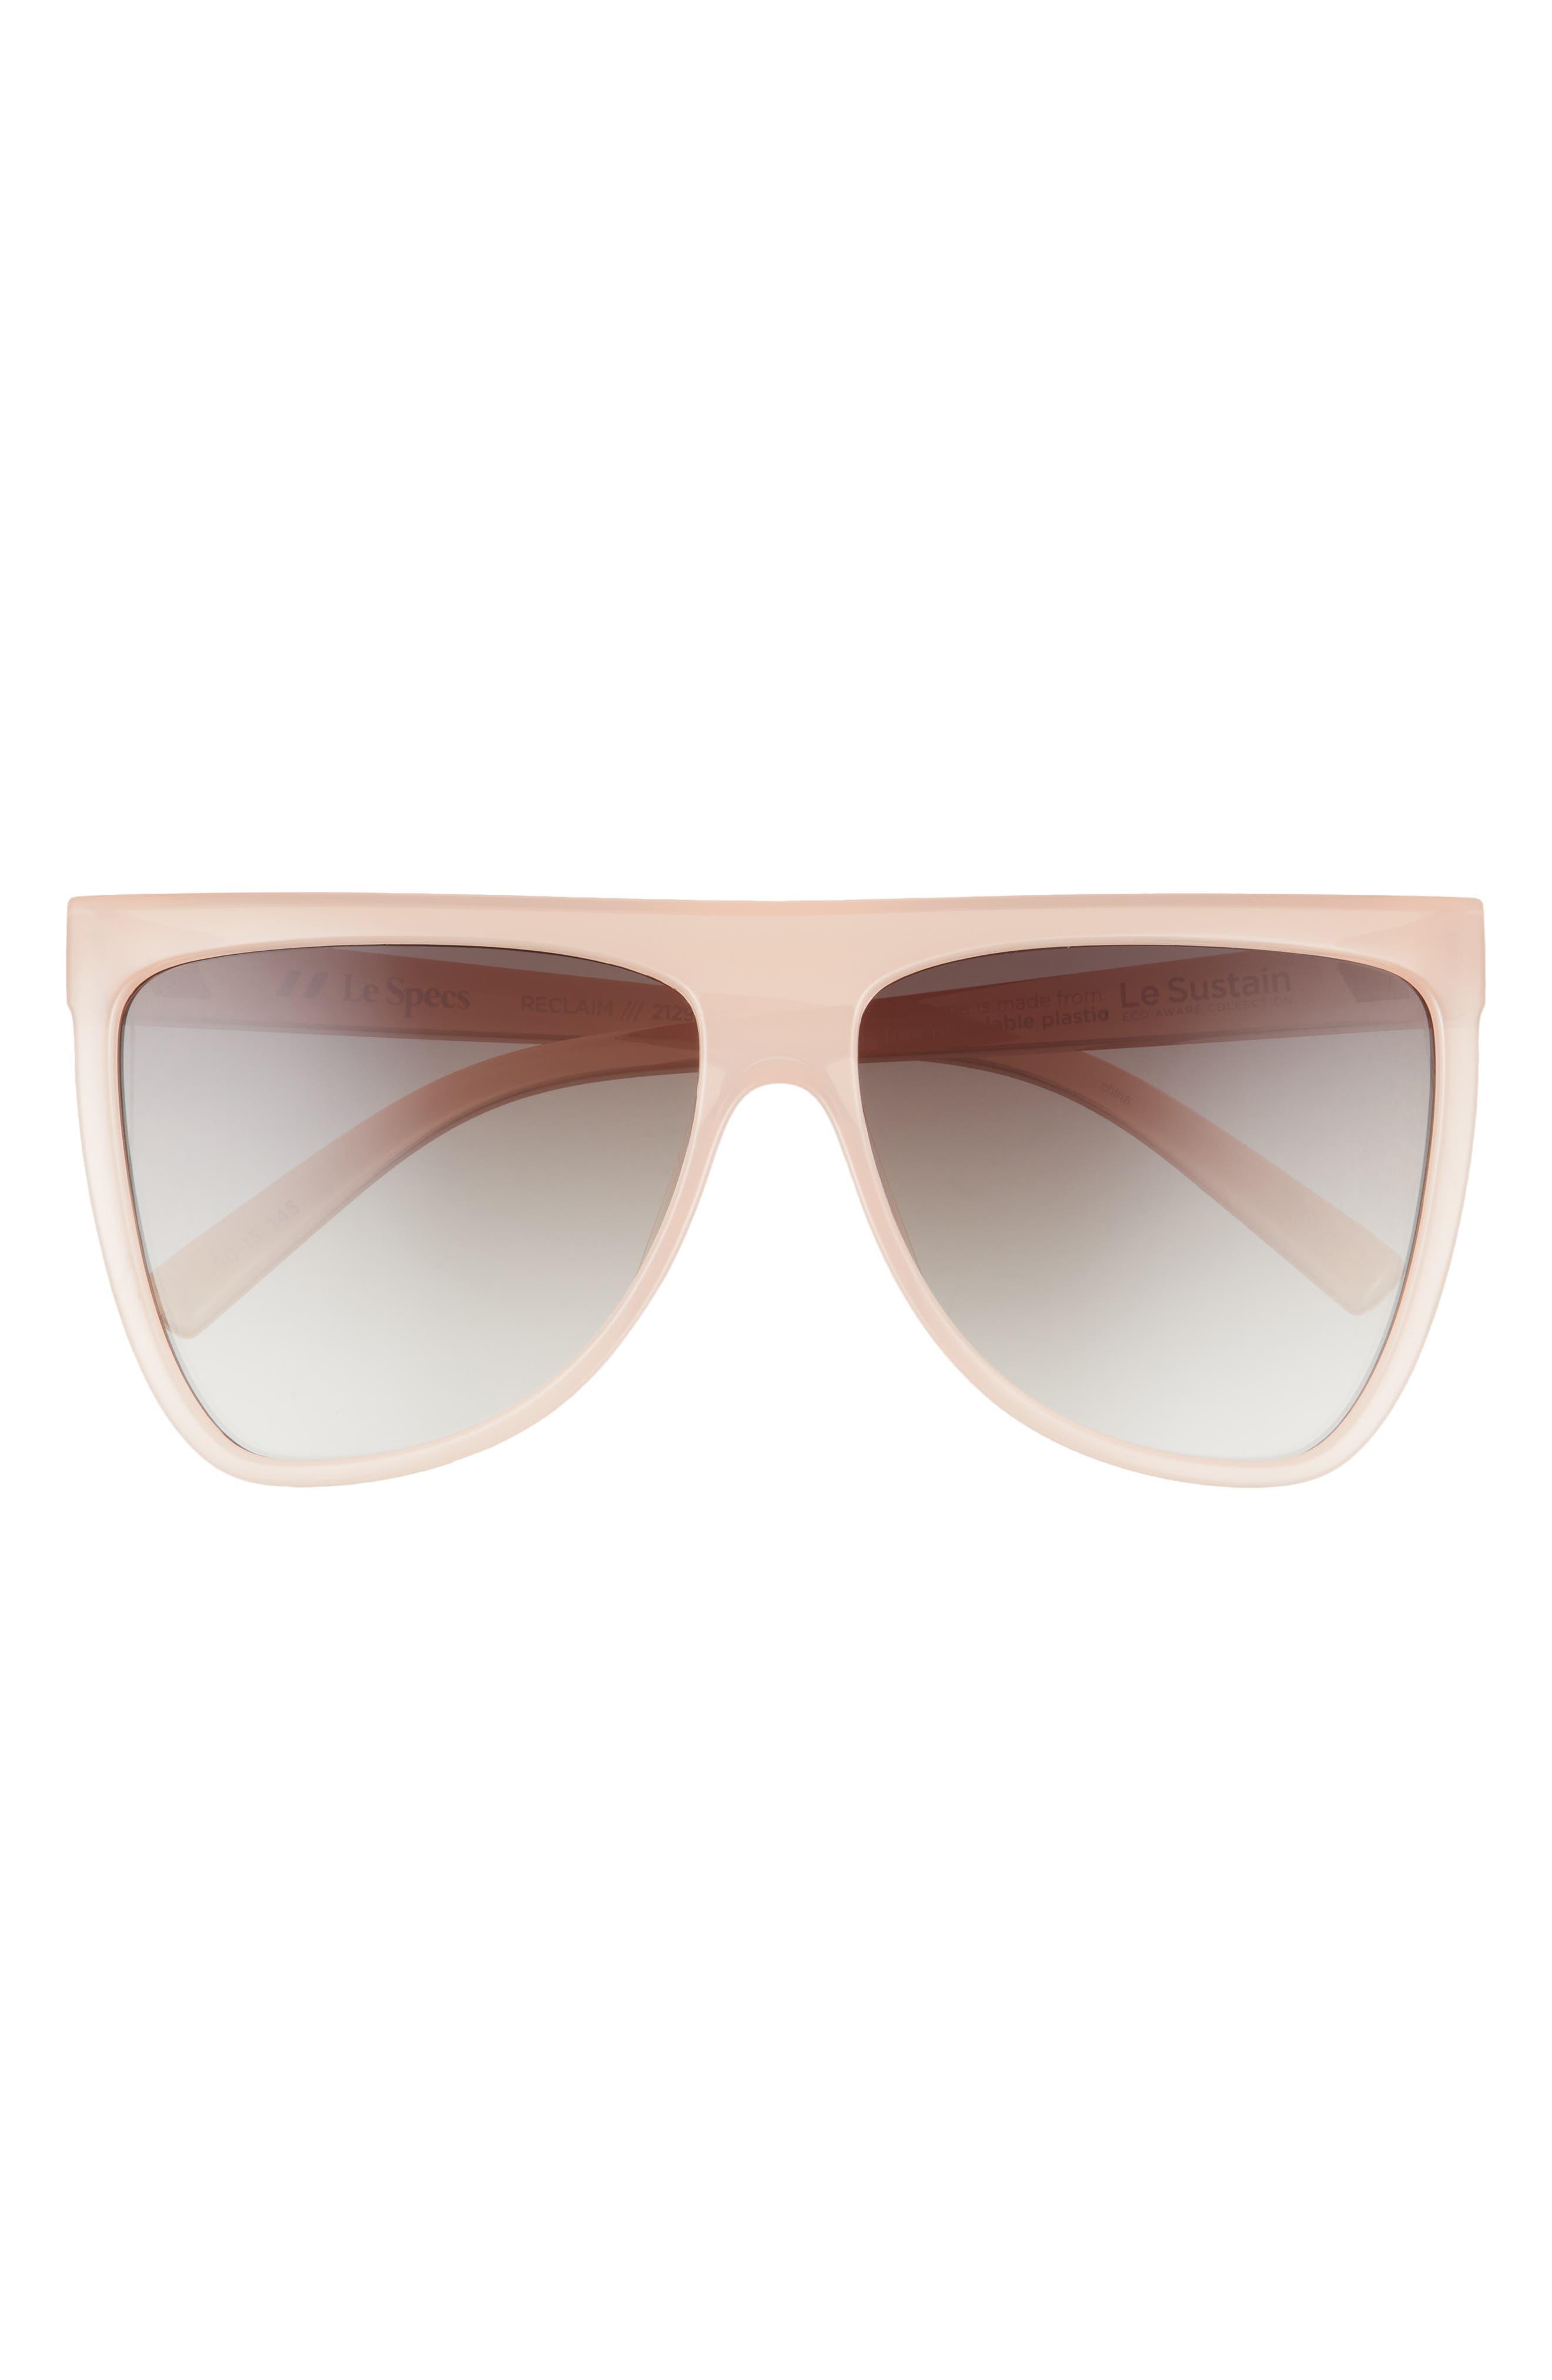 Reclaim 60mm Flat Top Sunglasses